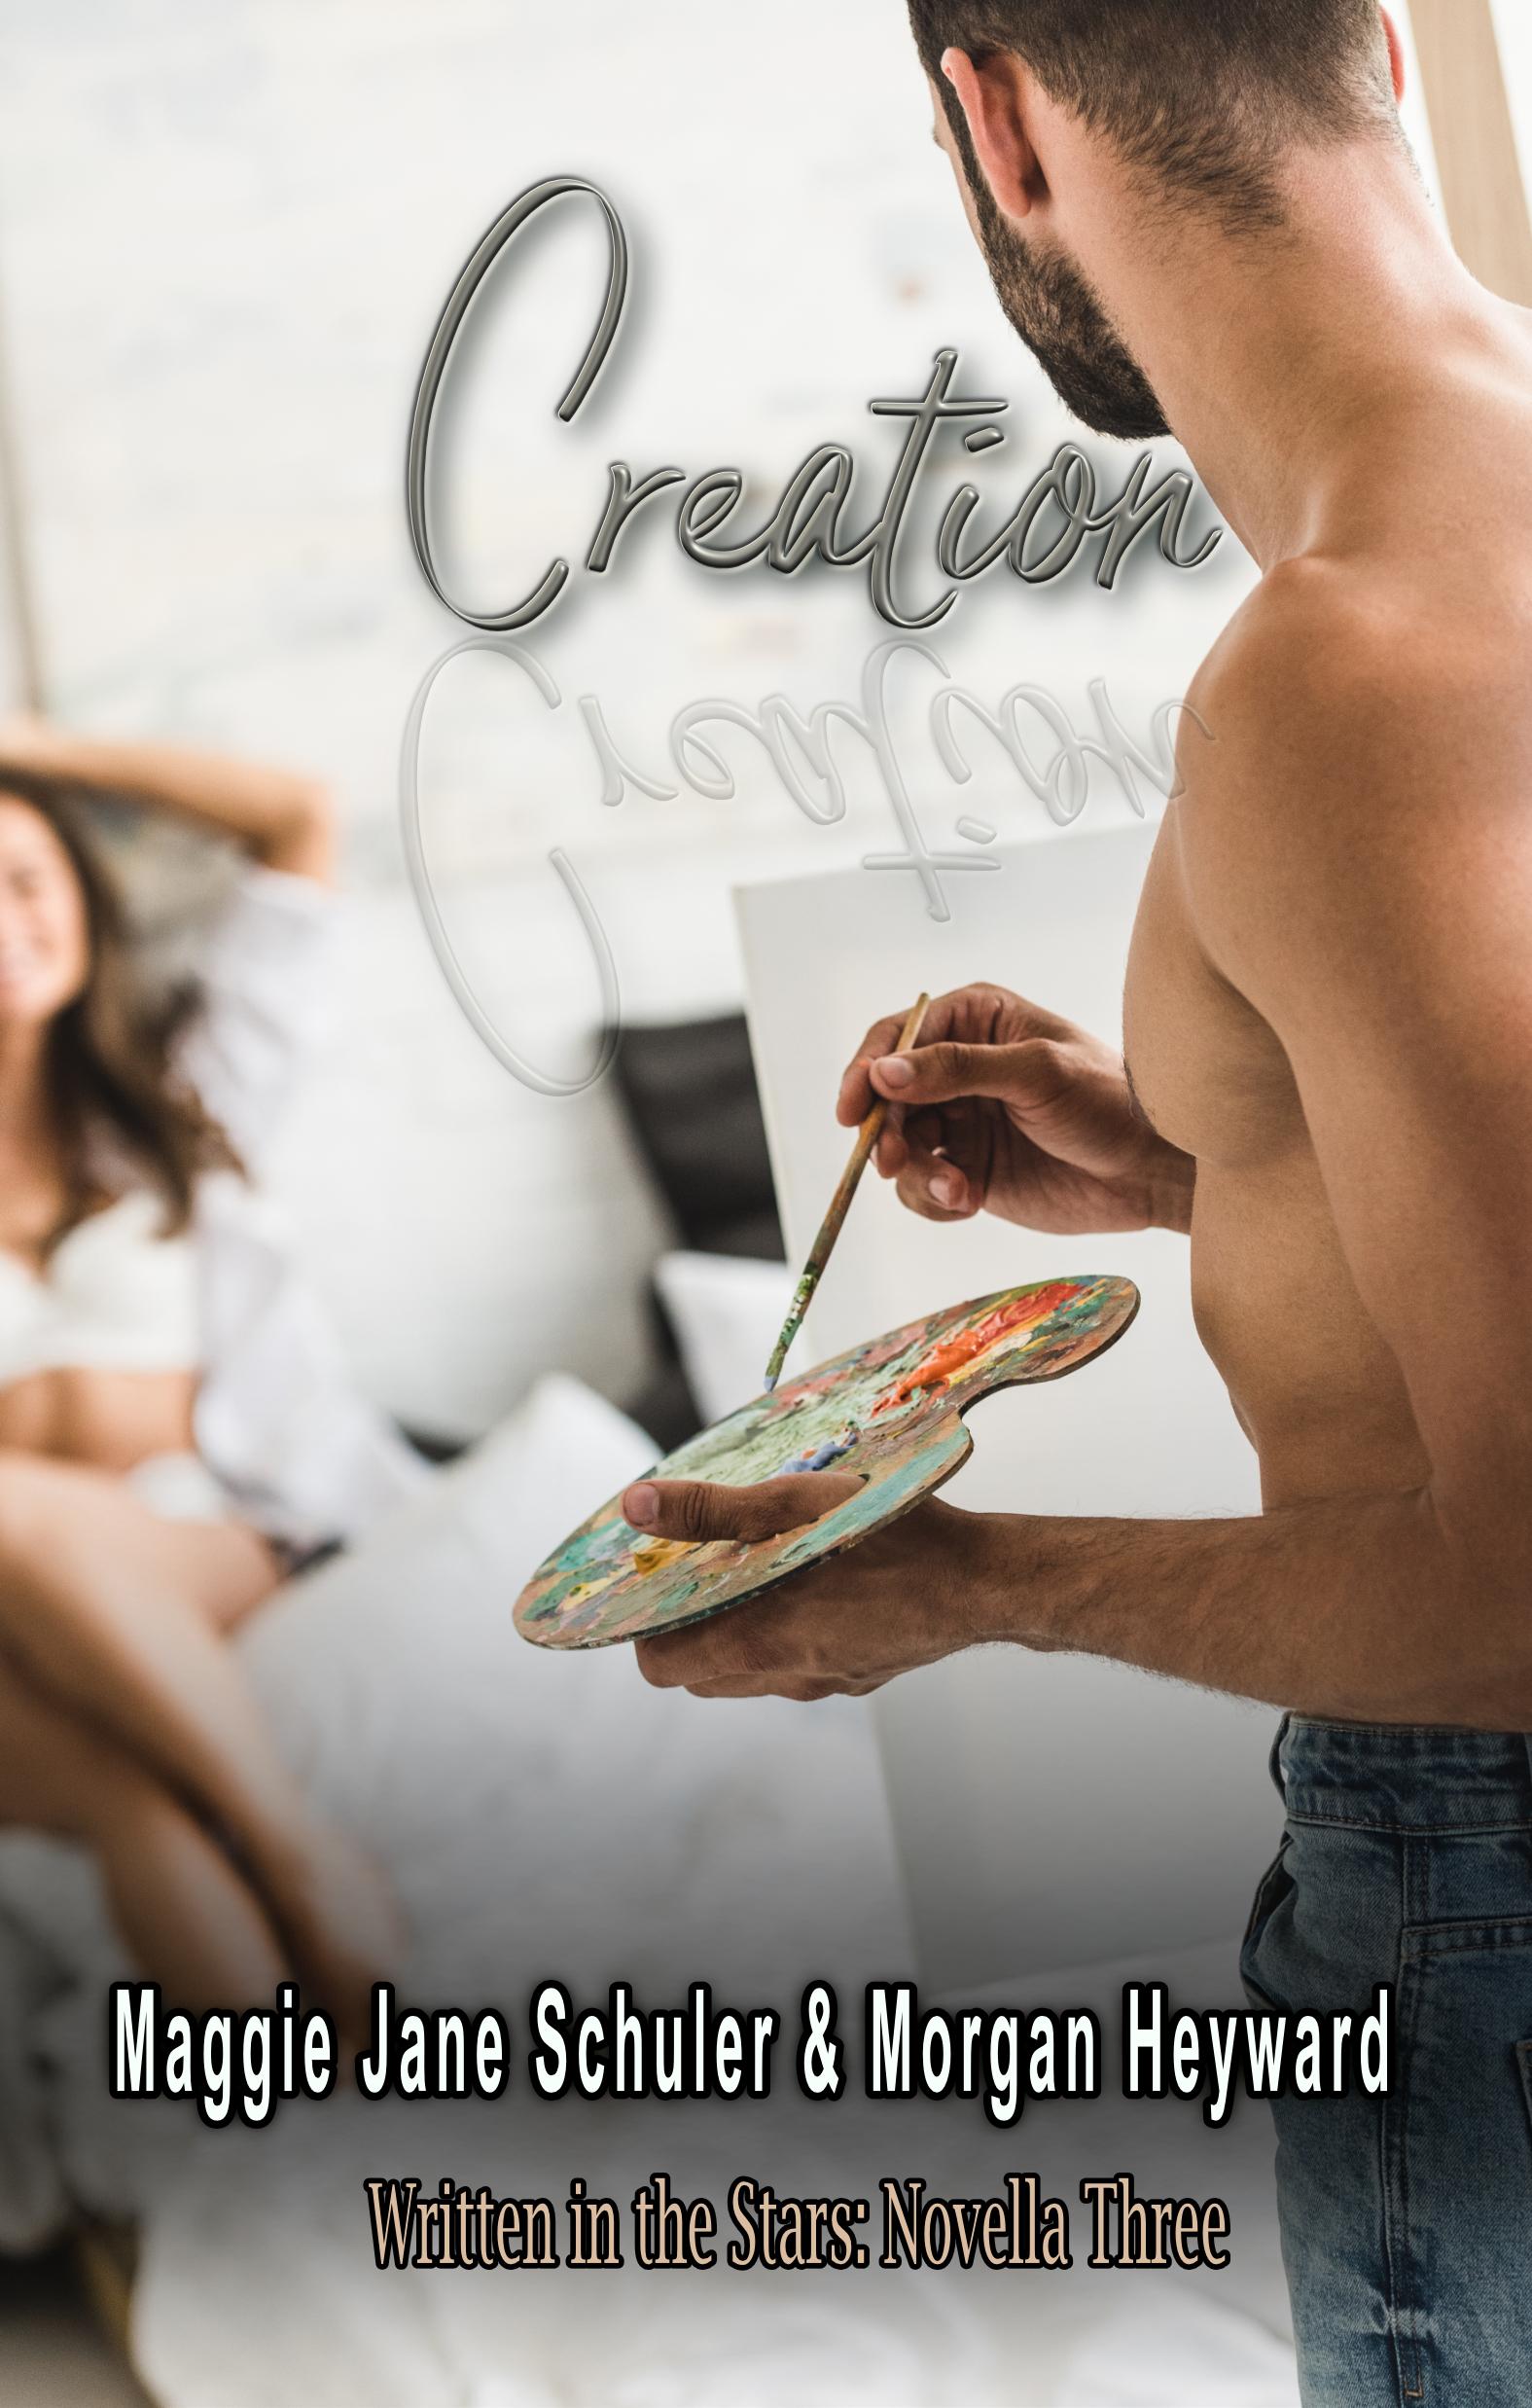 Creation (Written in the Stars: Novella Three)